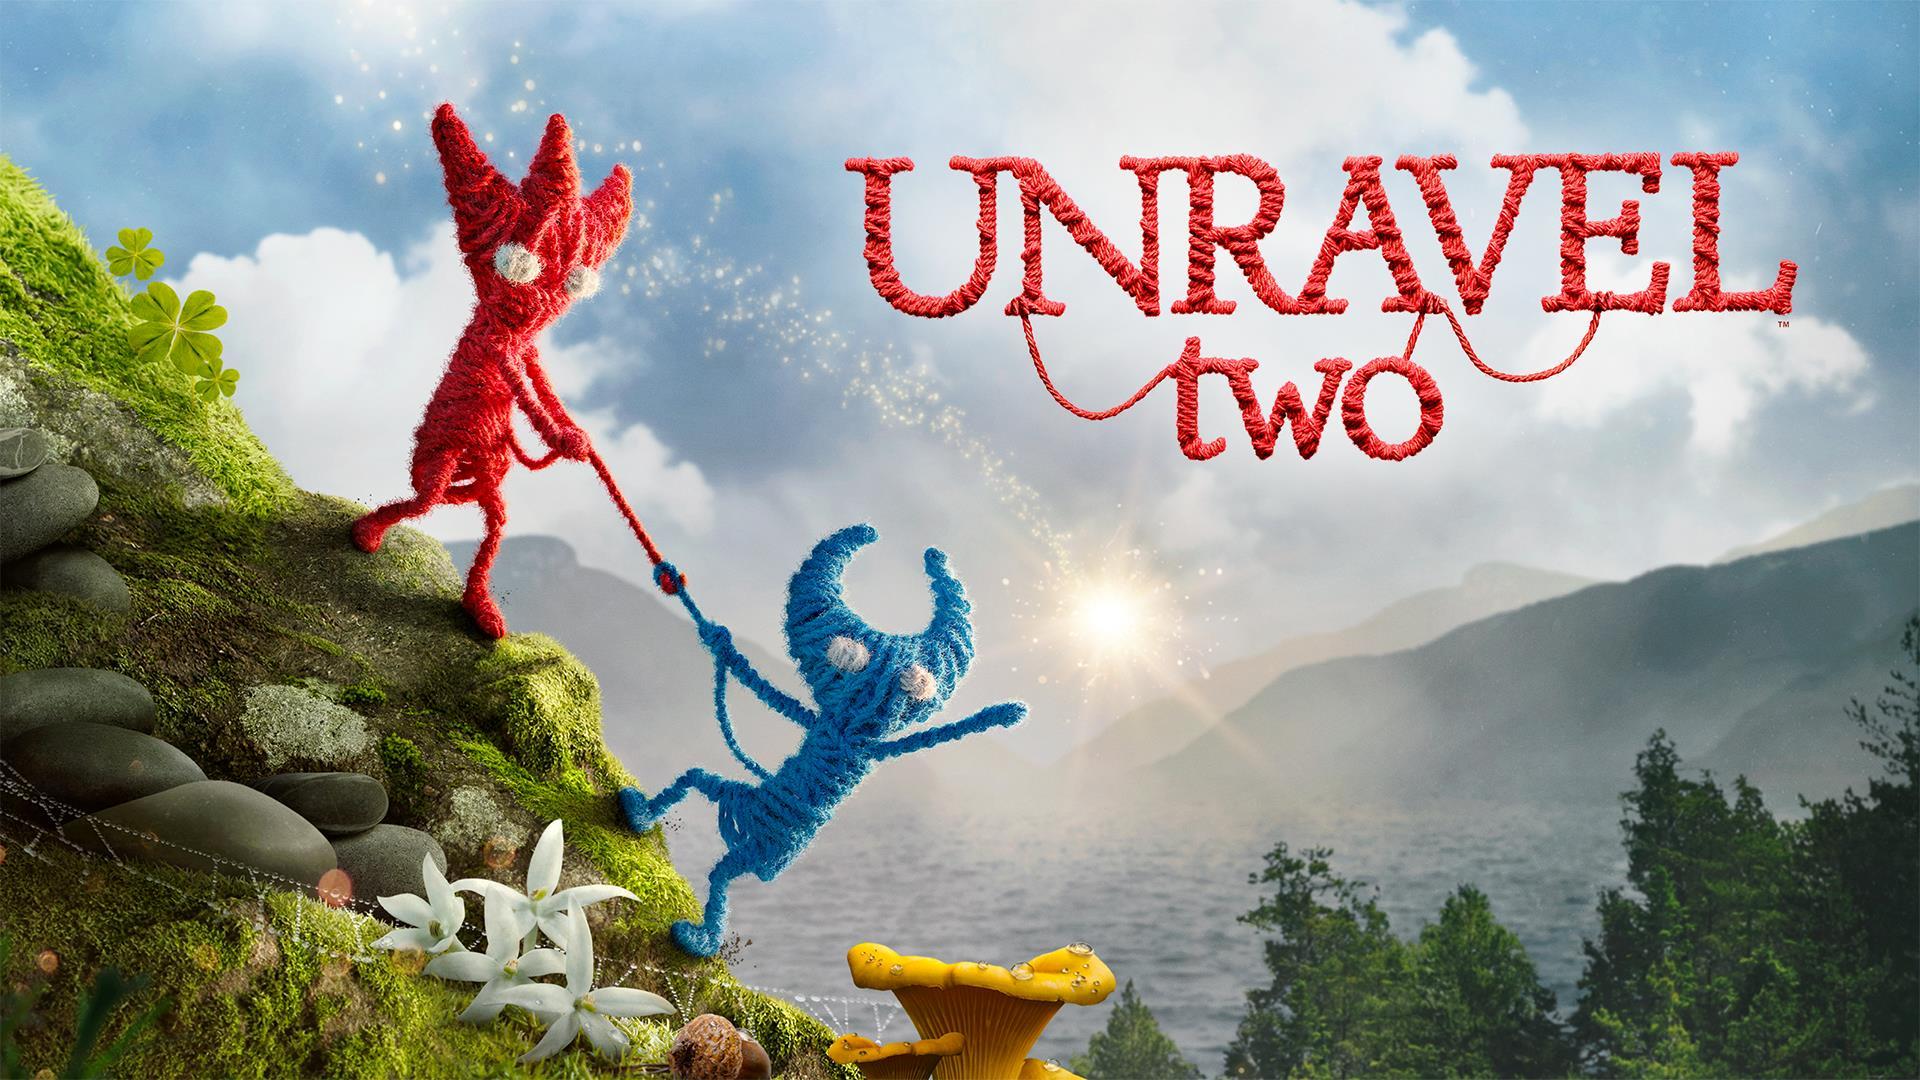 Unravel_Two_titre